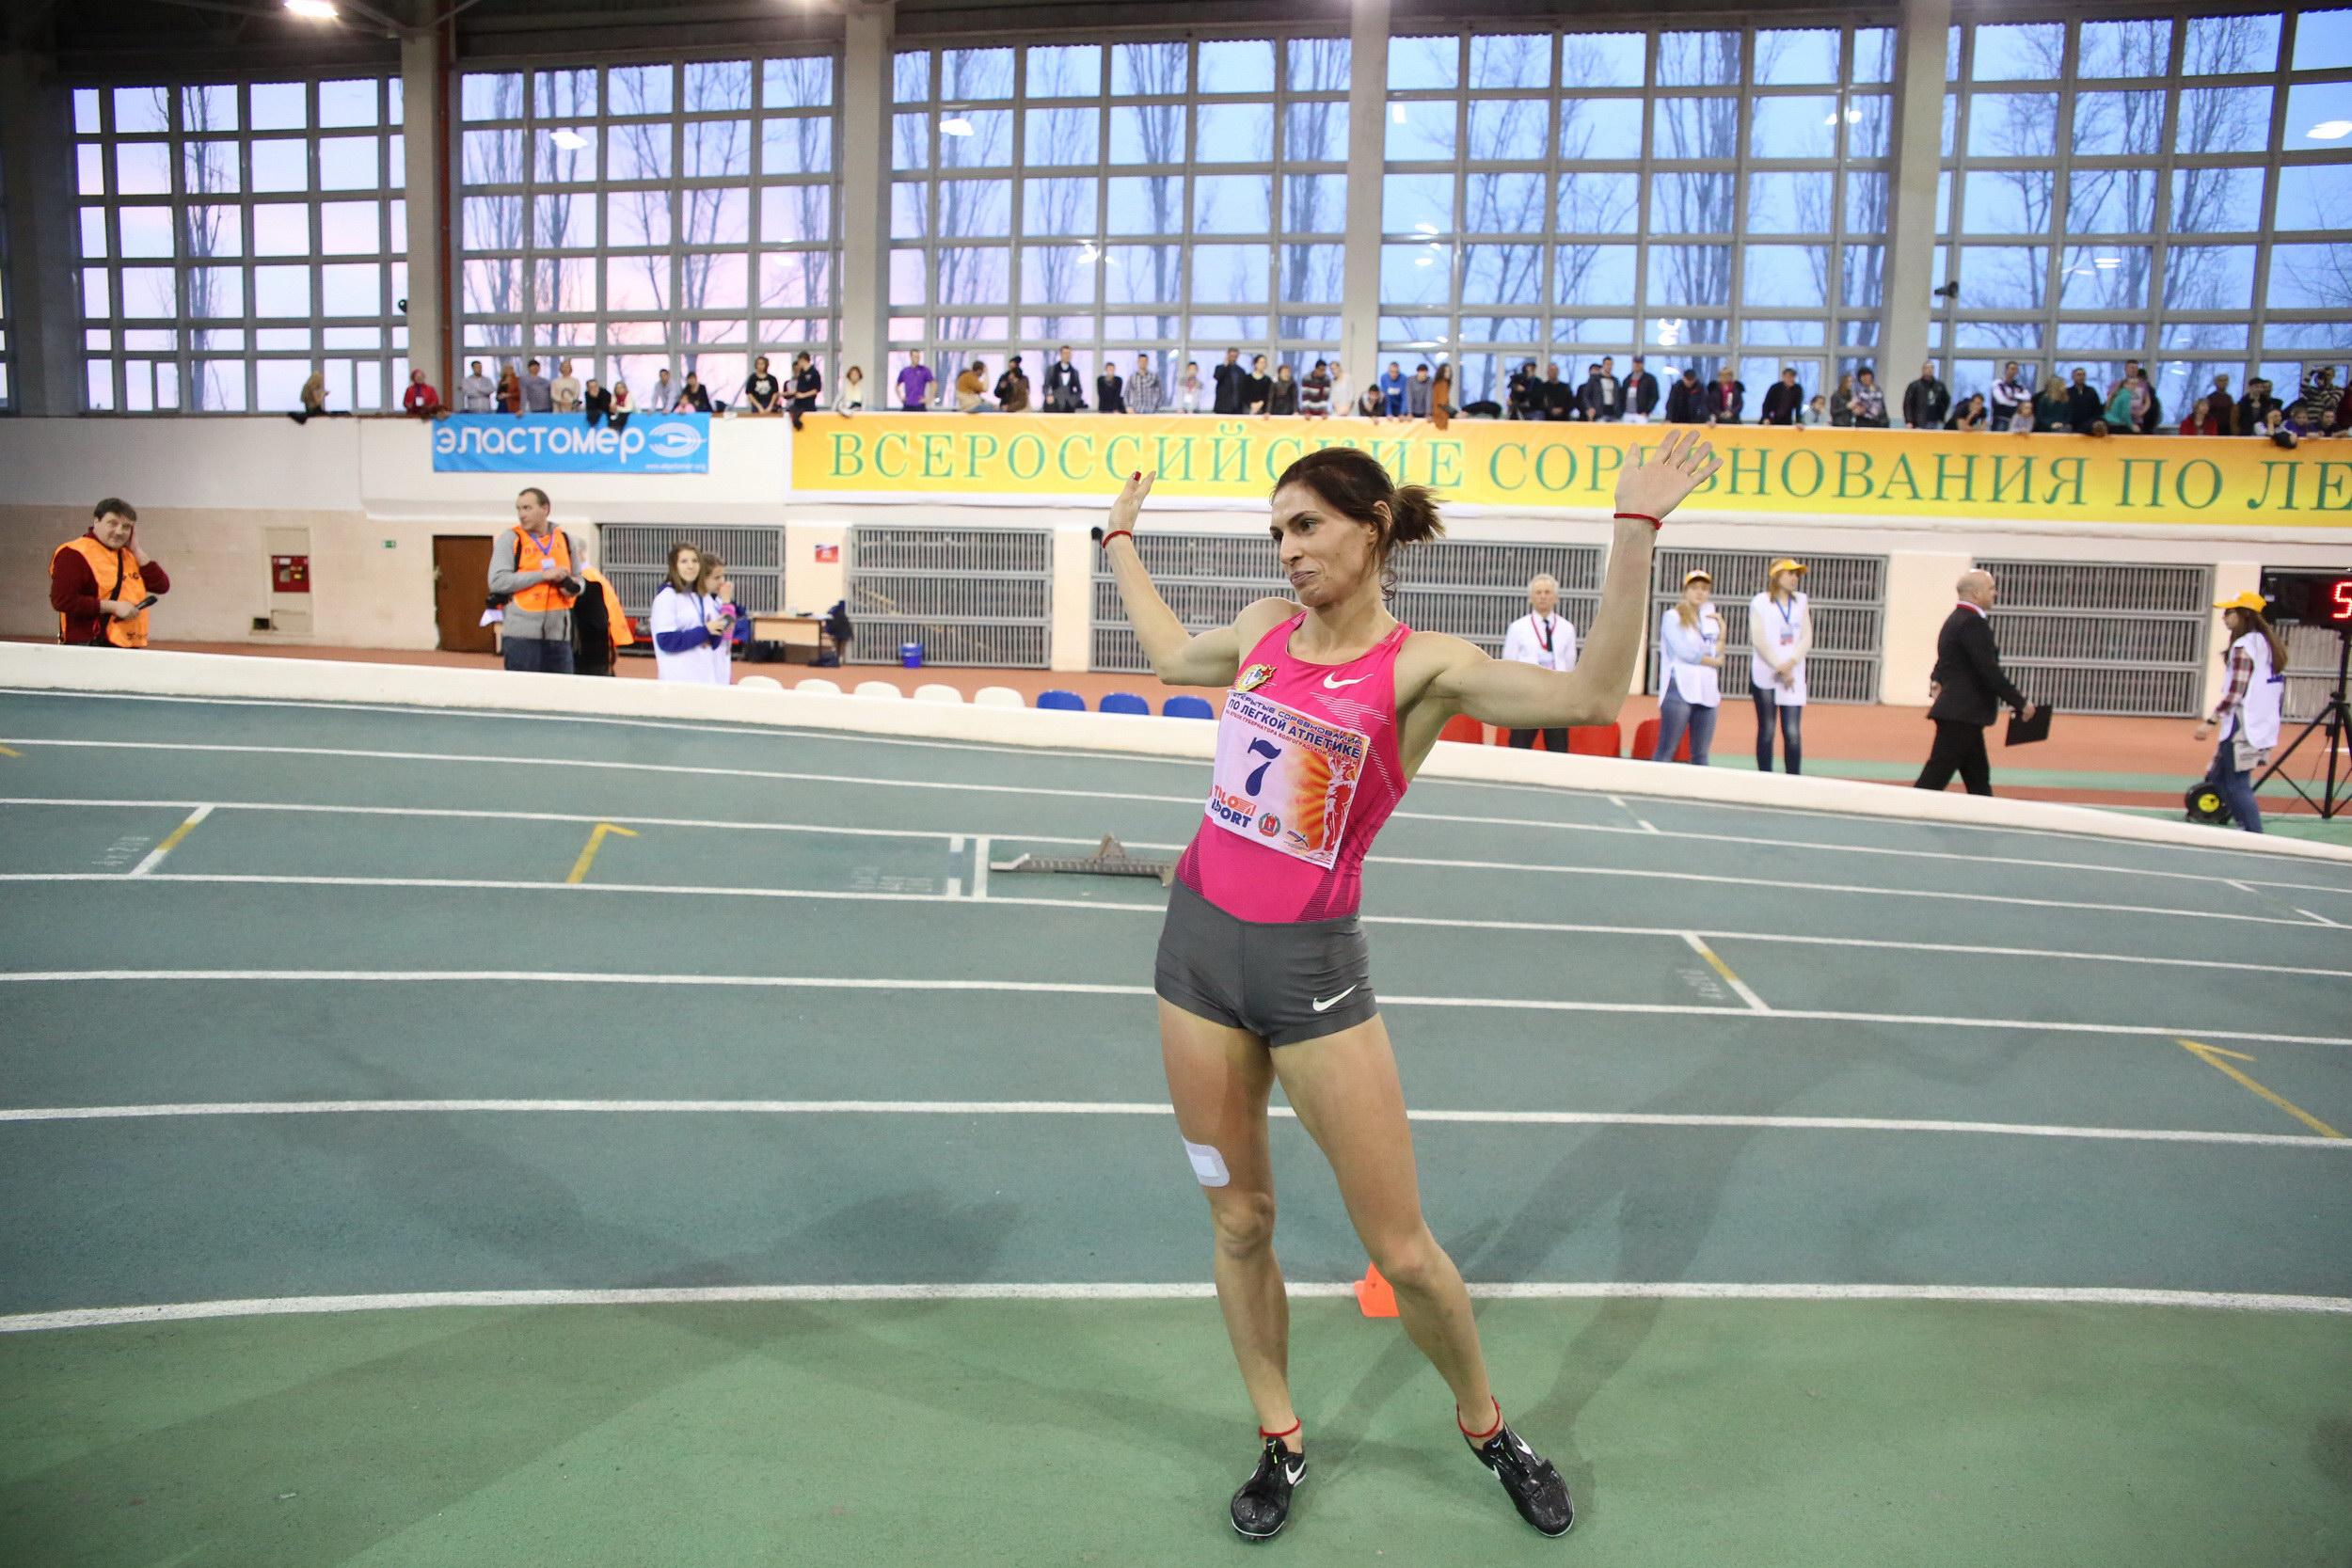 Лучшие легкоатлеты РФ боролись заКубок губернатора Волгоградской области